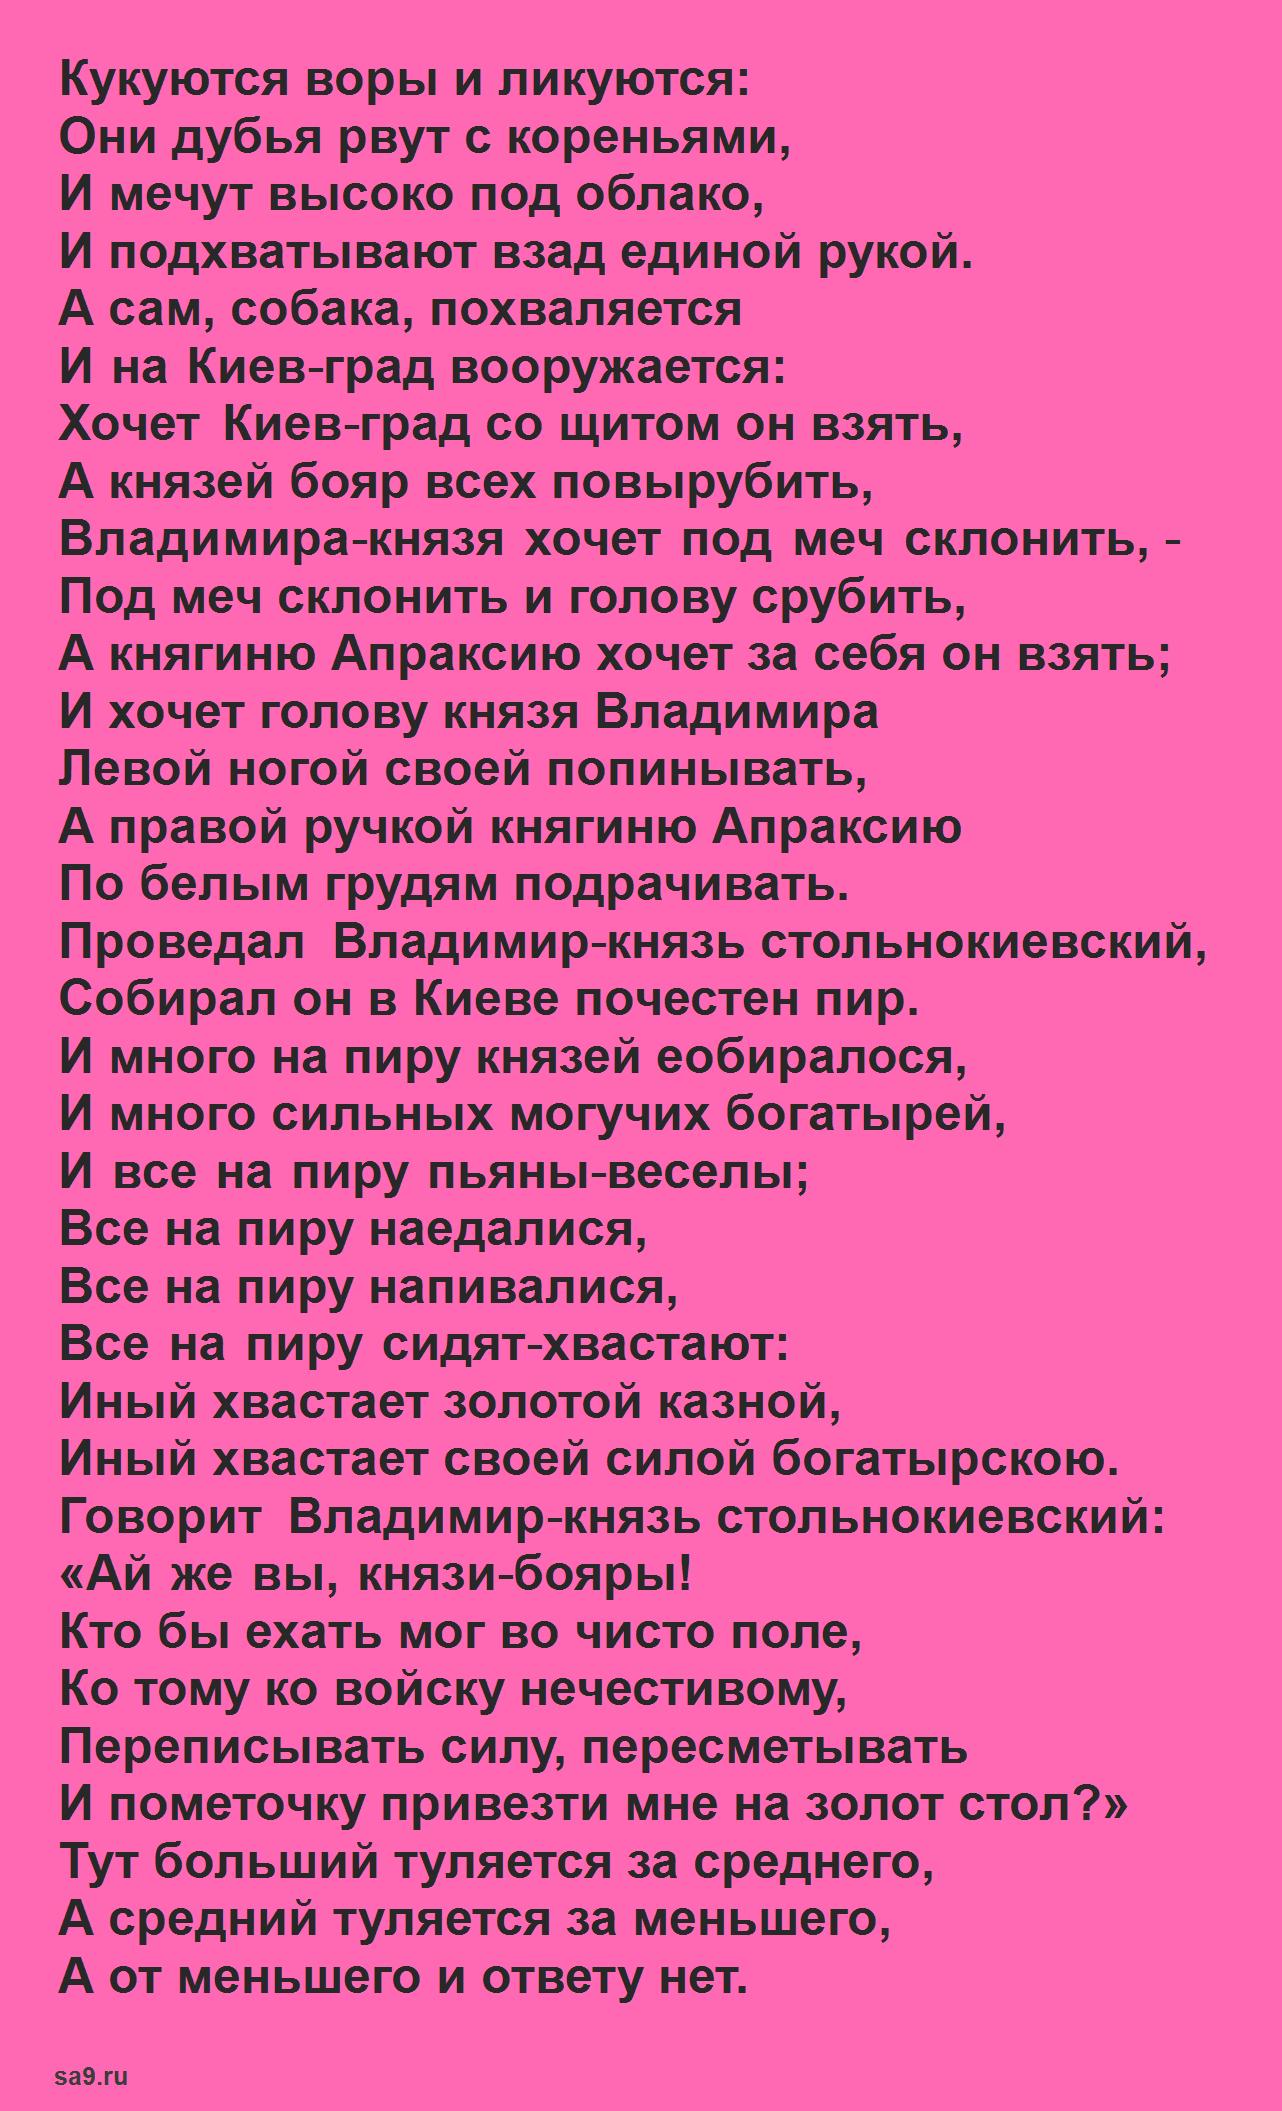 Читать былину - Михайло Данилович